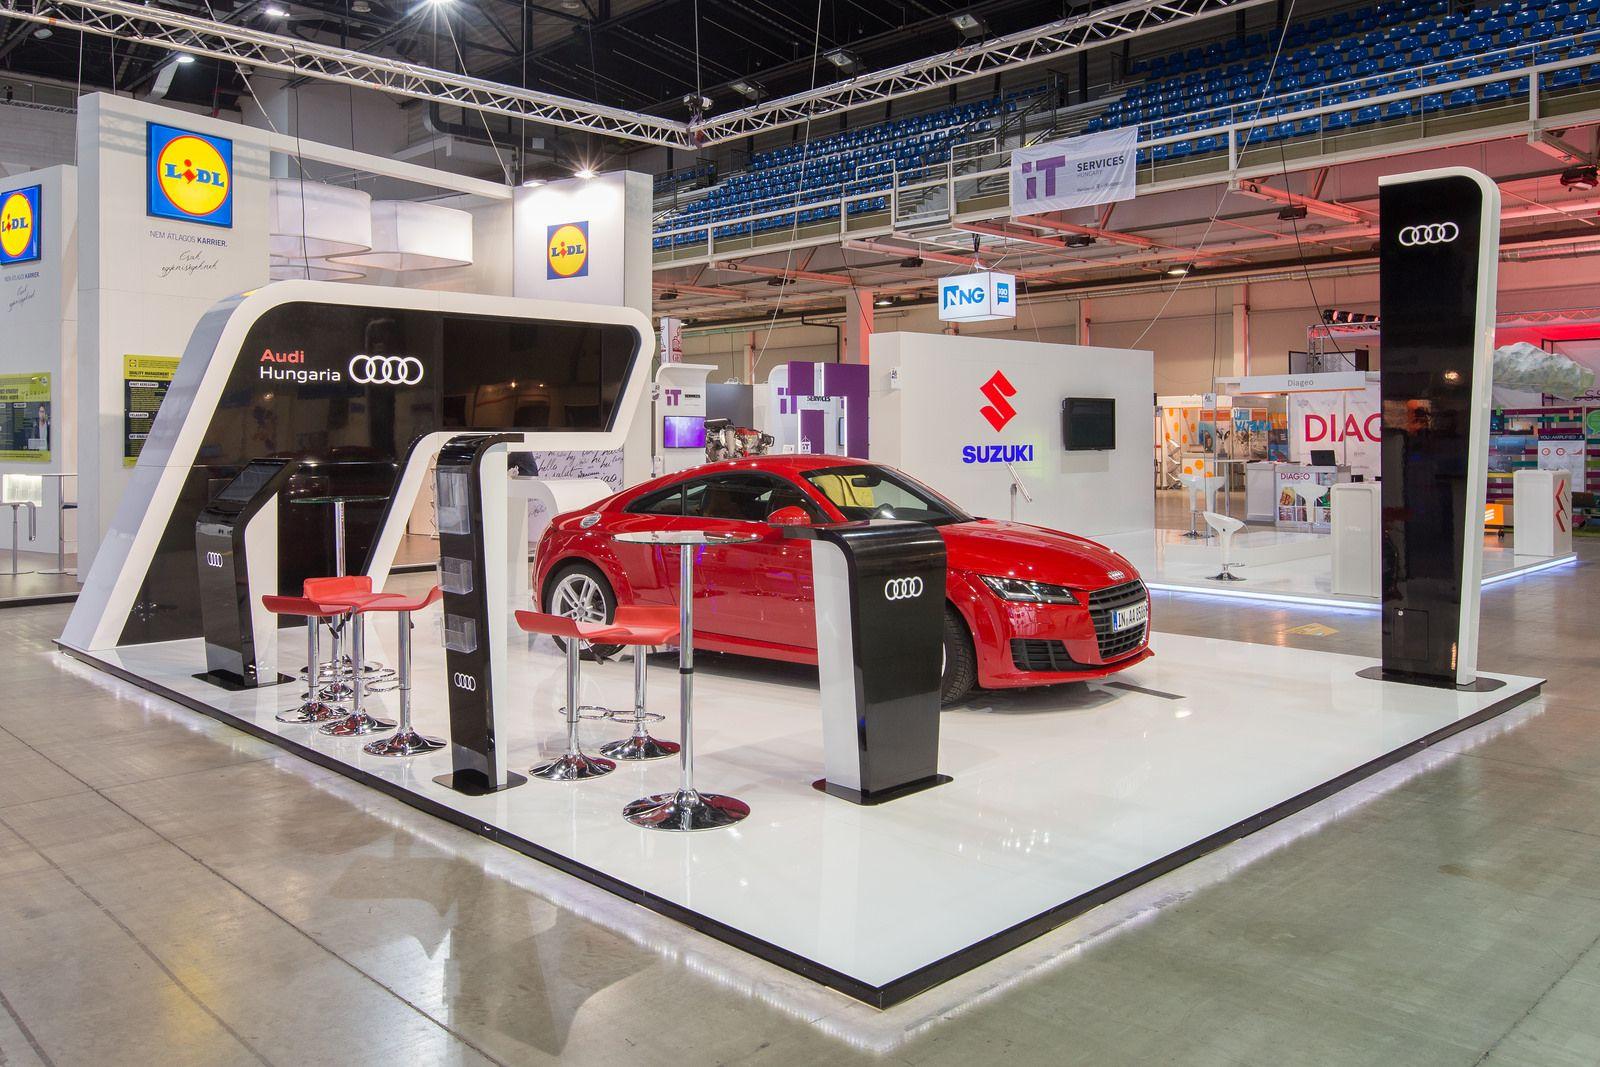 Exhibition Stand Designer Jobs : Hvg job fair exhibition stand